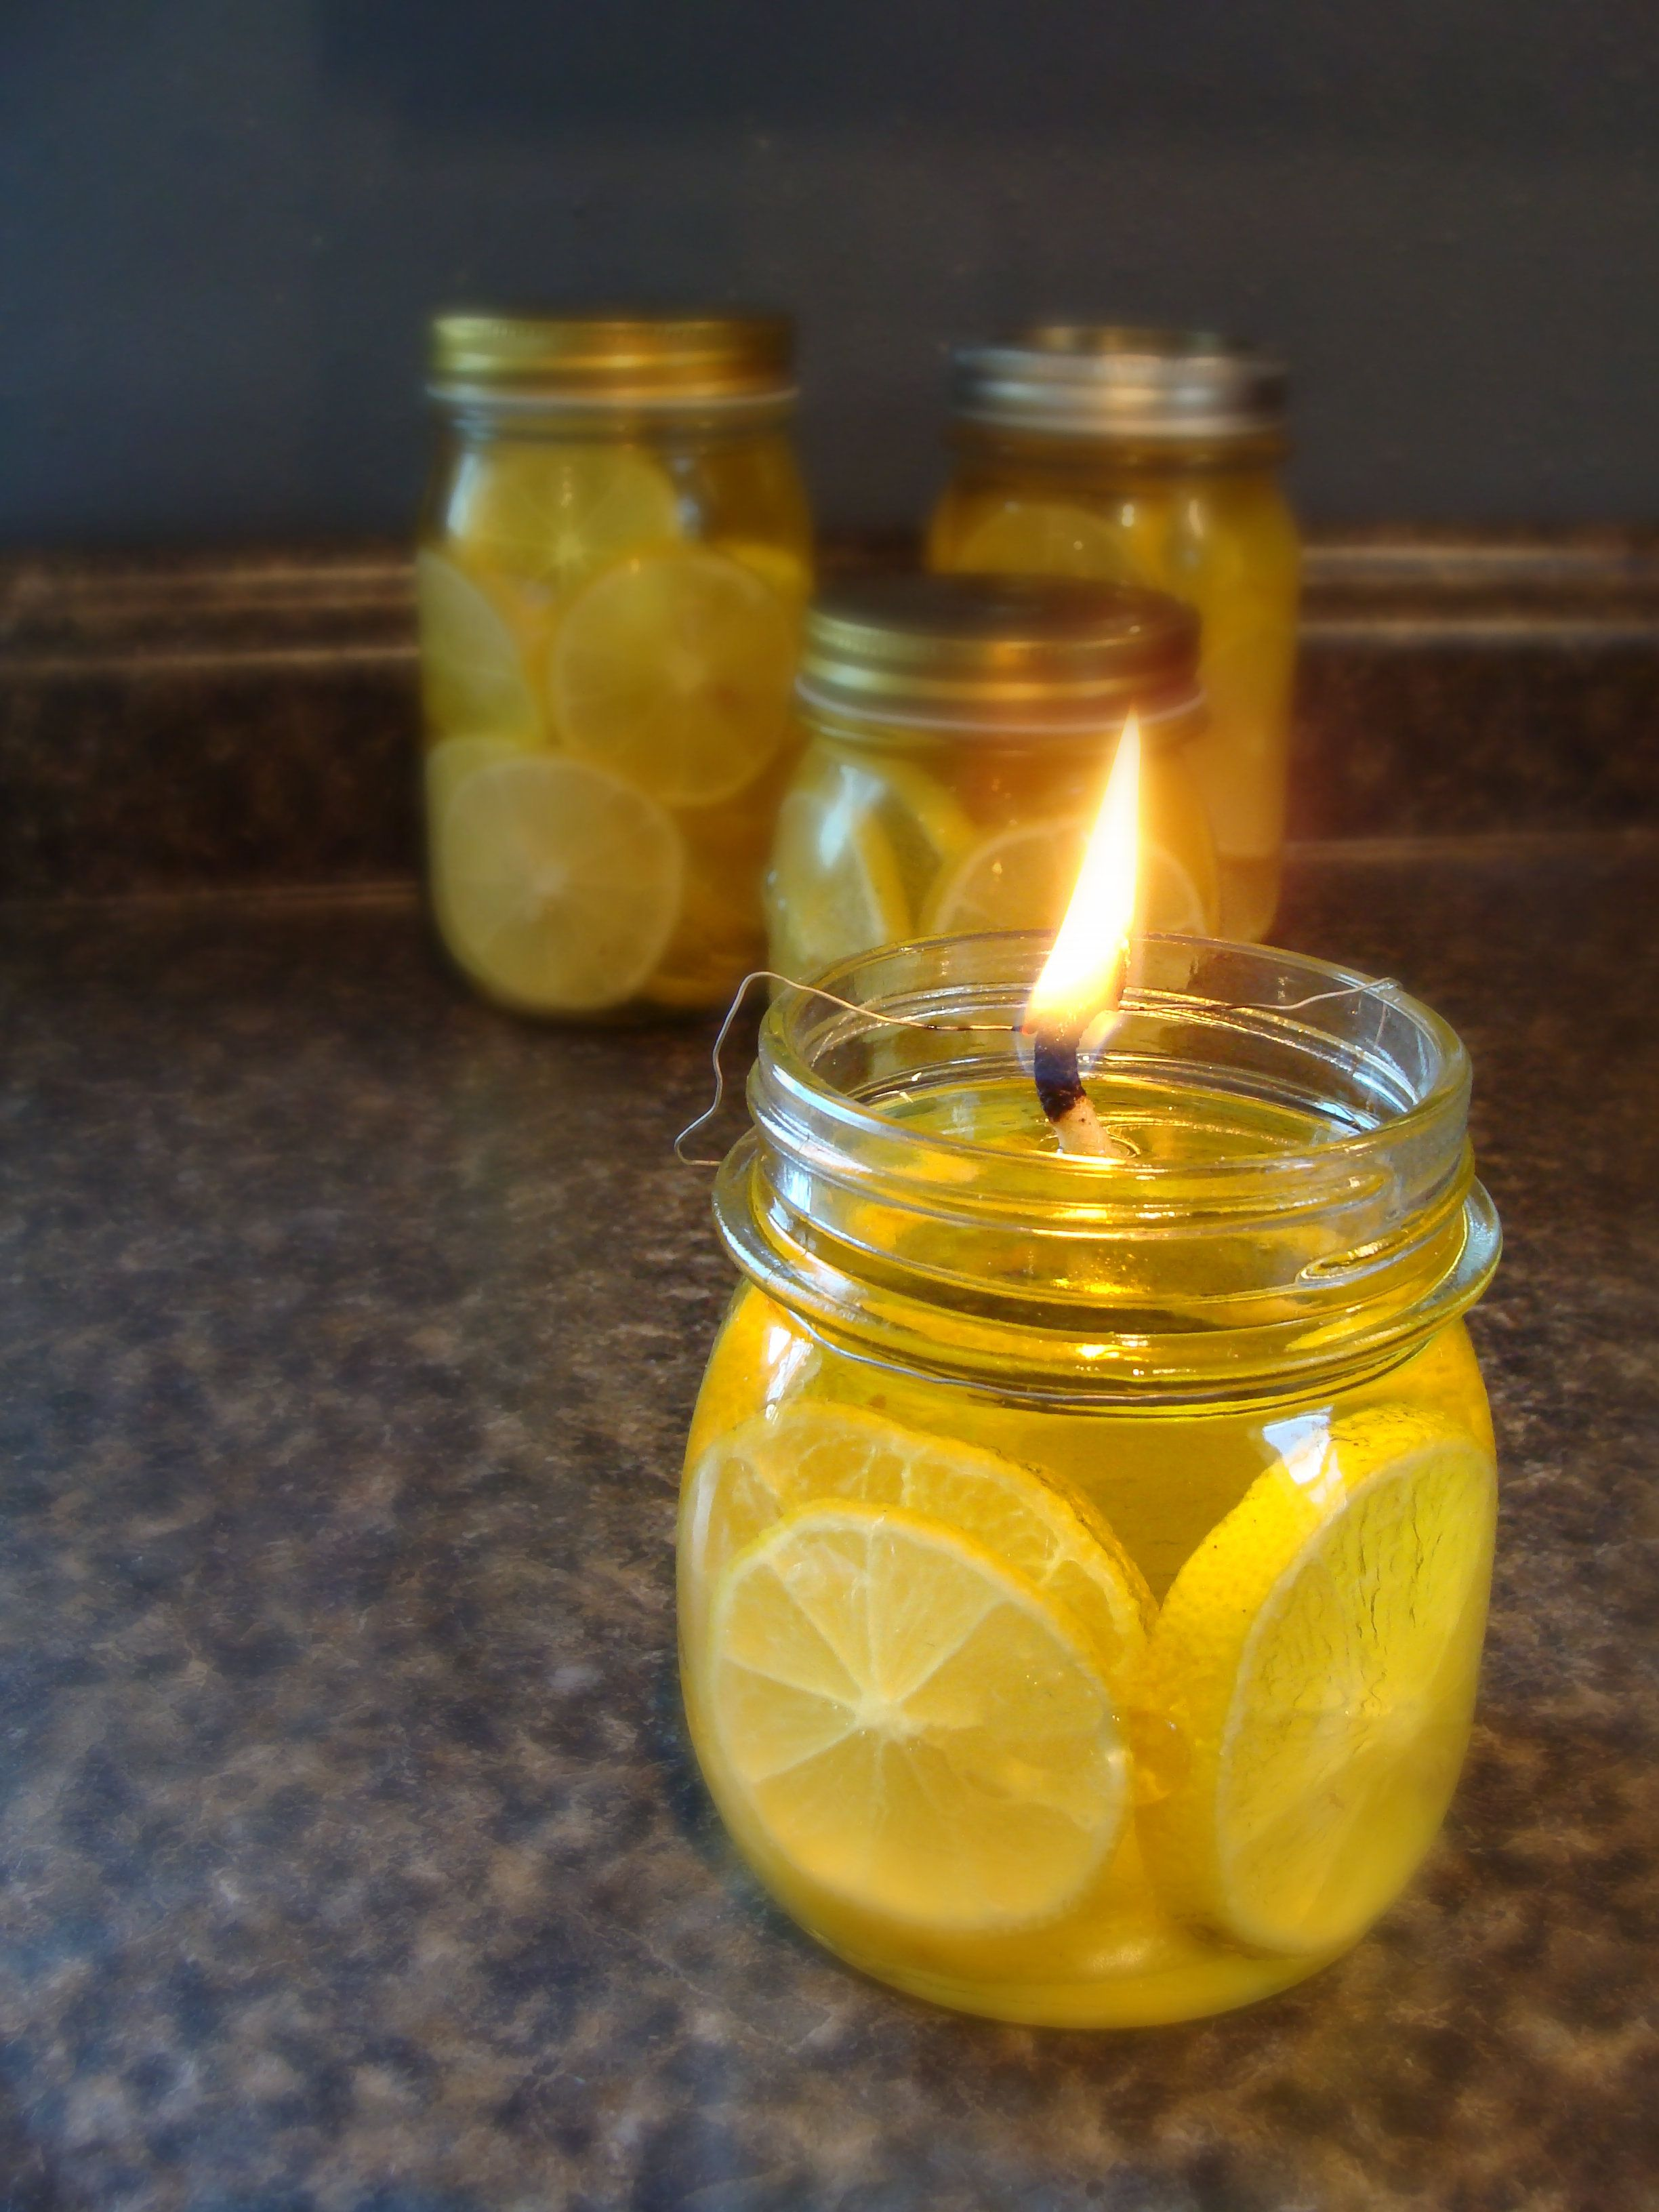 Lemon Filled Olive Oil Lanterns In 2020 Oil Lantern Diy Mason Jar Candles Oil Candles